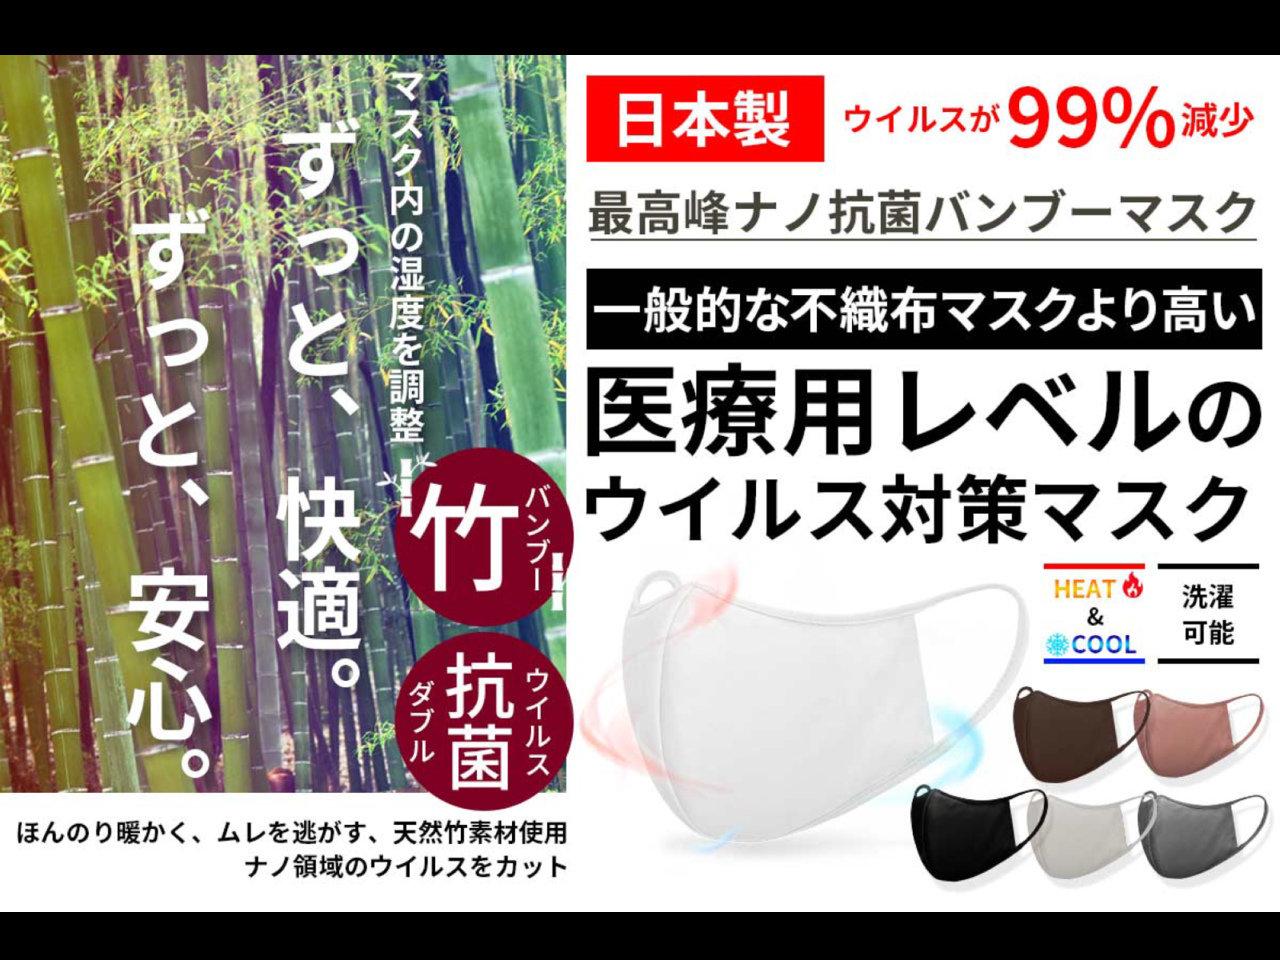 最高峰のフィルター採用の天然素材を使用したマスク。好評につき追加販売決定。